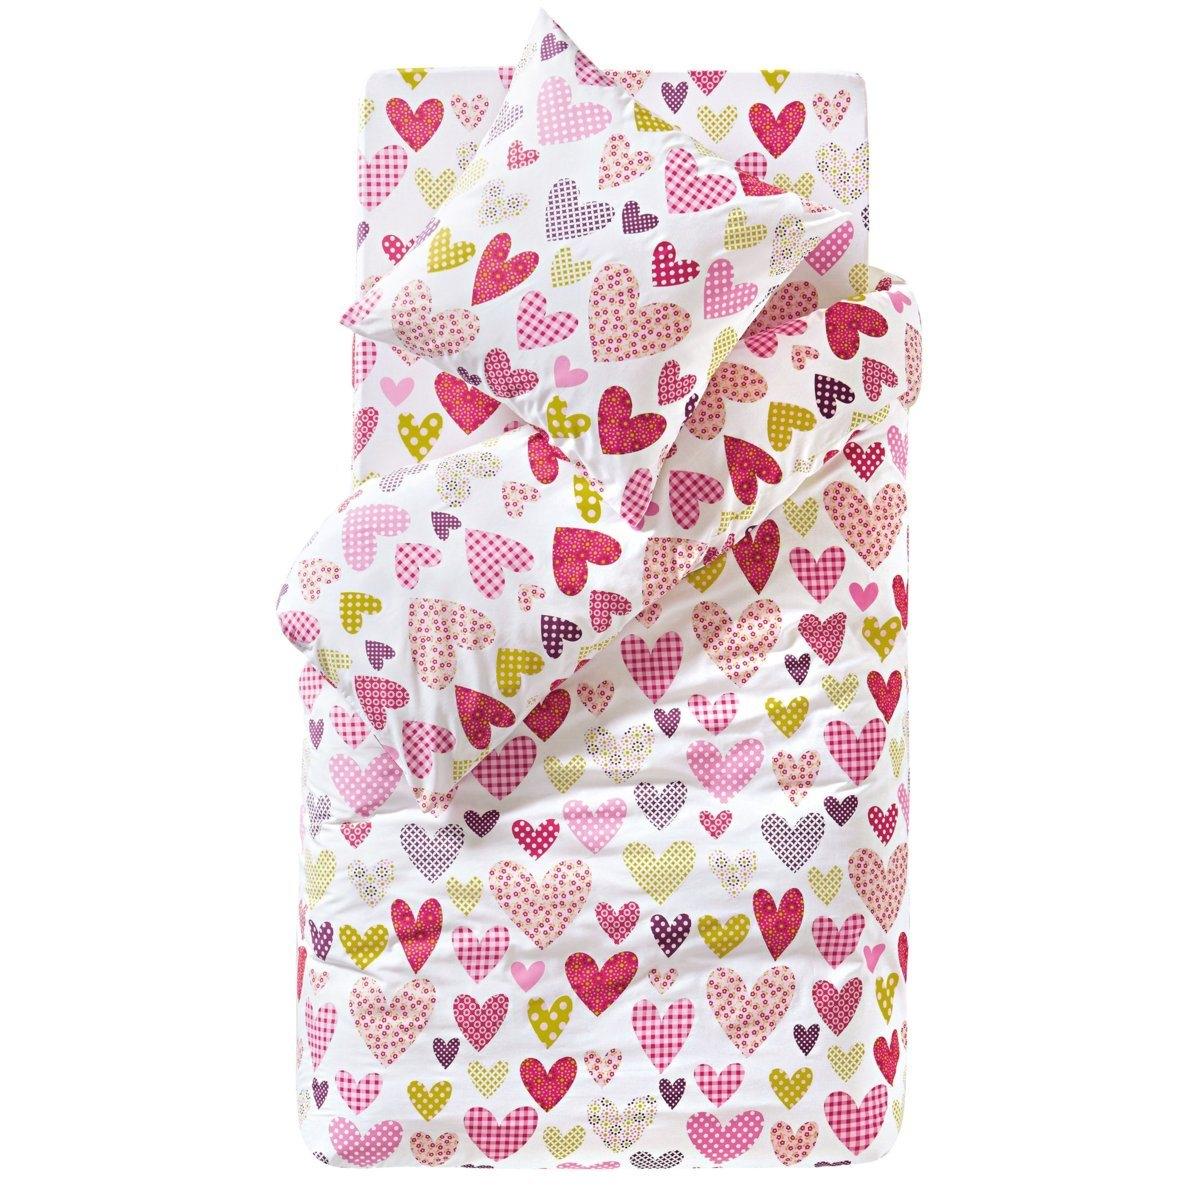 Натяжная простыня СердечкиВесенний узор из разноцветных сердечек на белом фоне! 100% хлопка. Стирка при 60°. Размер: 90 х 190 см (1-сп.).<br><br>Цвет: розовый/ зеленый/ белый